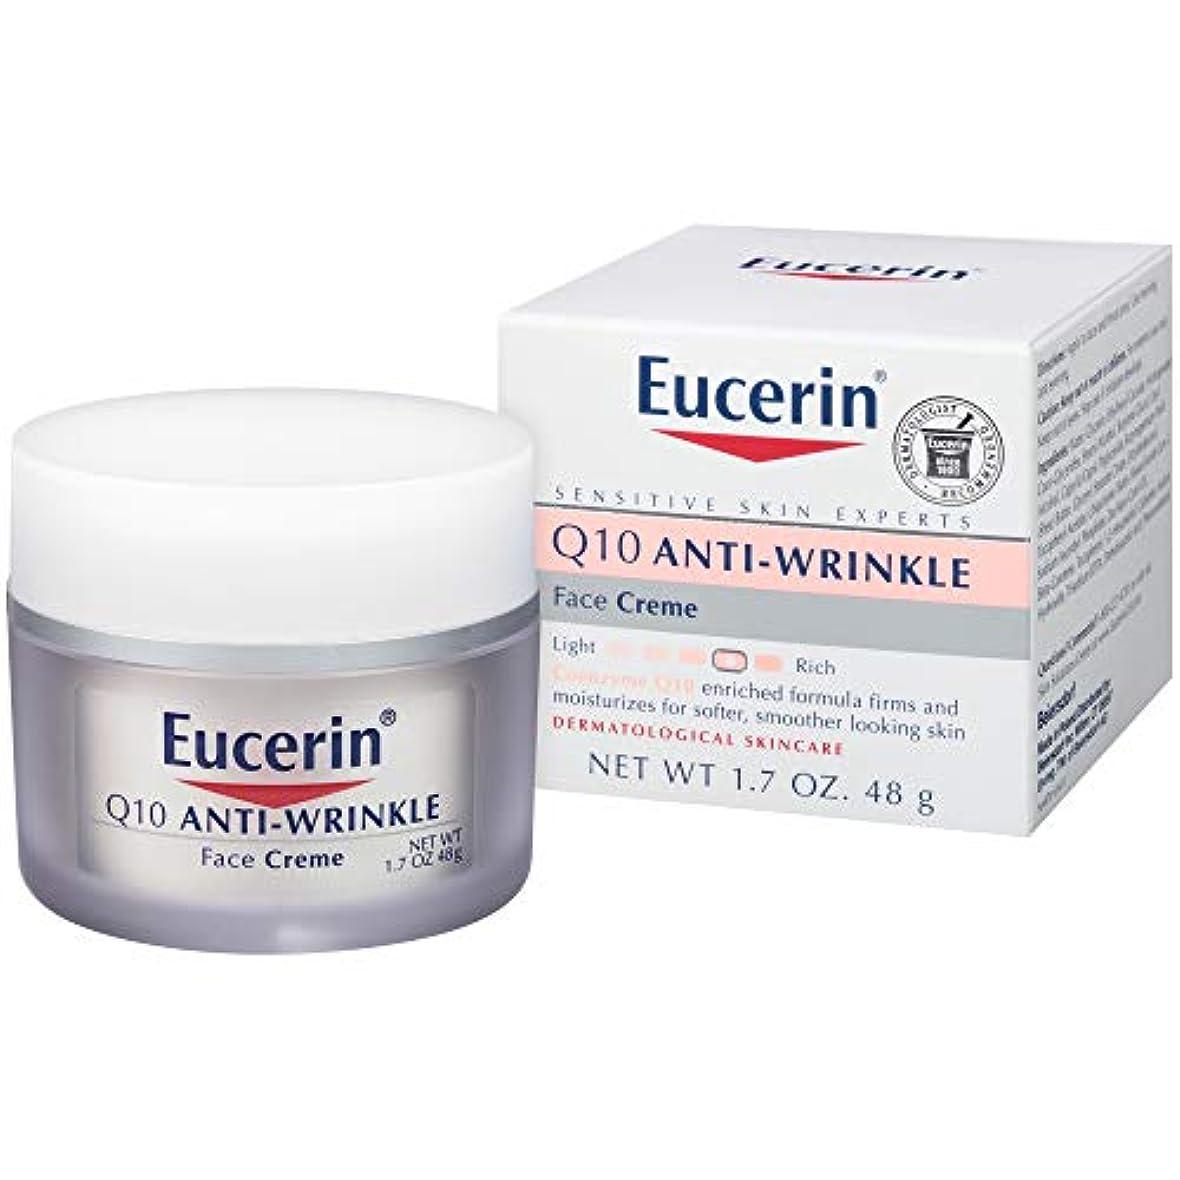 権利を与えるコンペビーズEucerin Sensitive Facial Skin Q10 Anti-Wrinkle Sensitive Skin Creme 48g (並行輸入品)